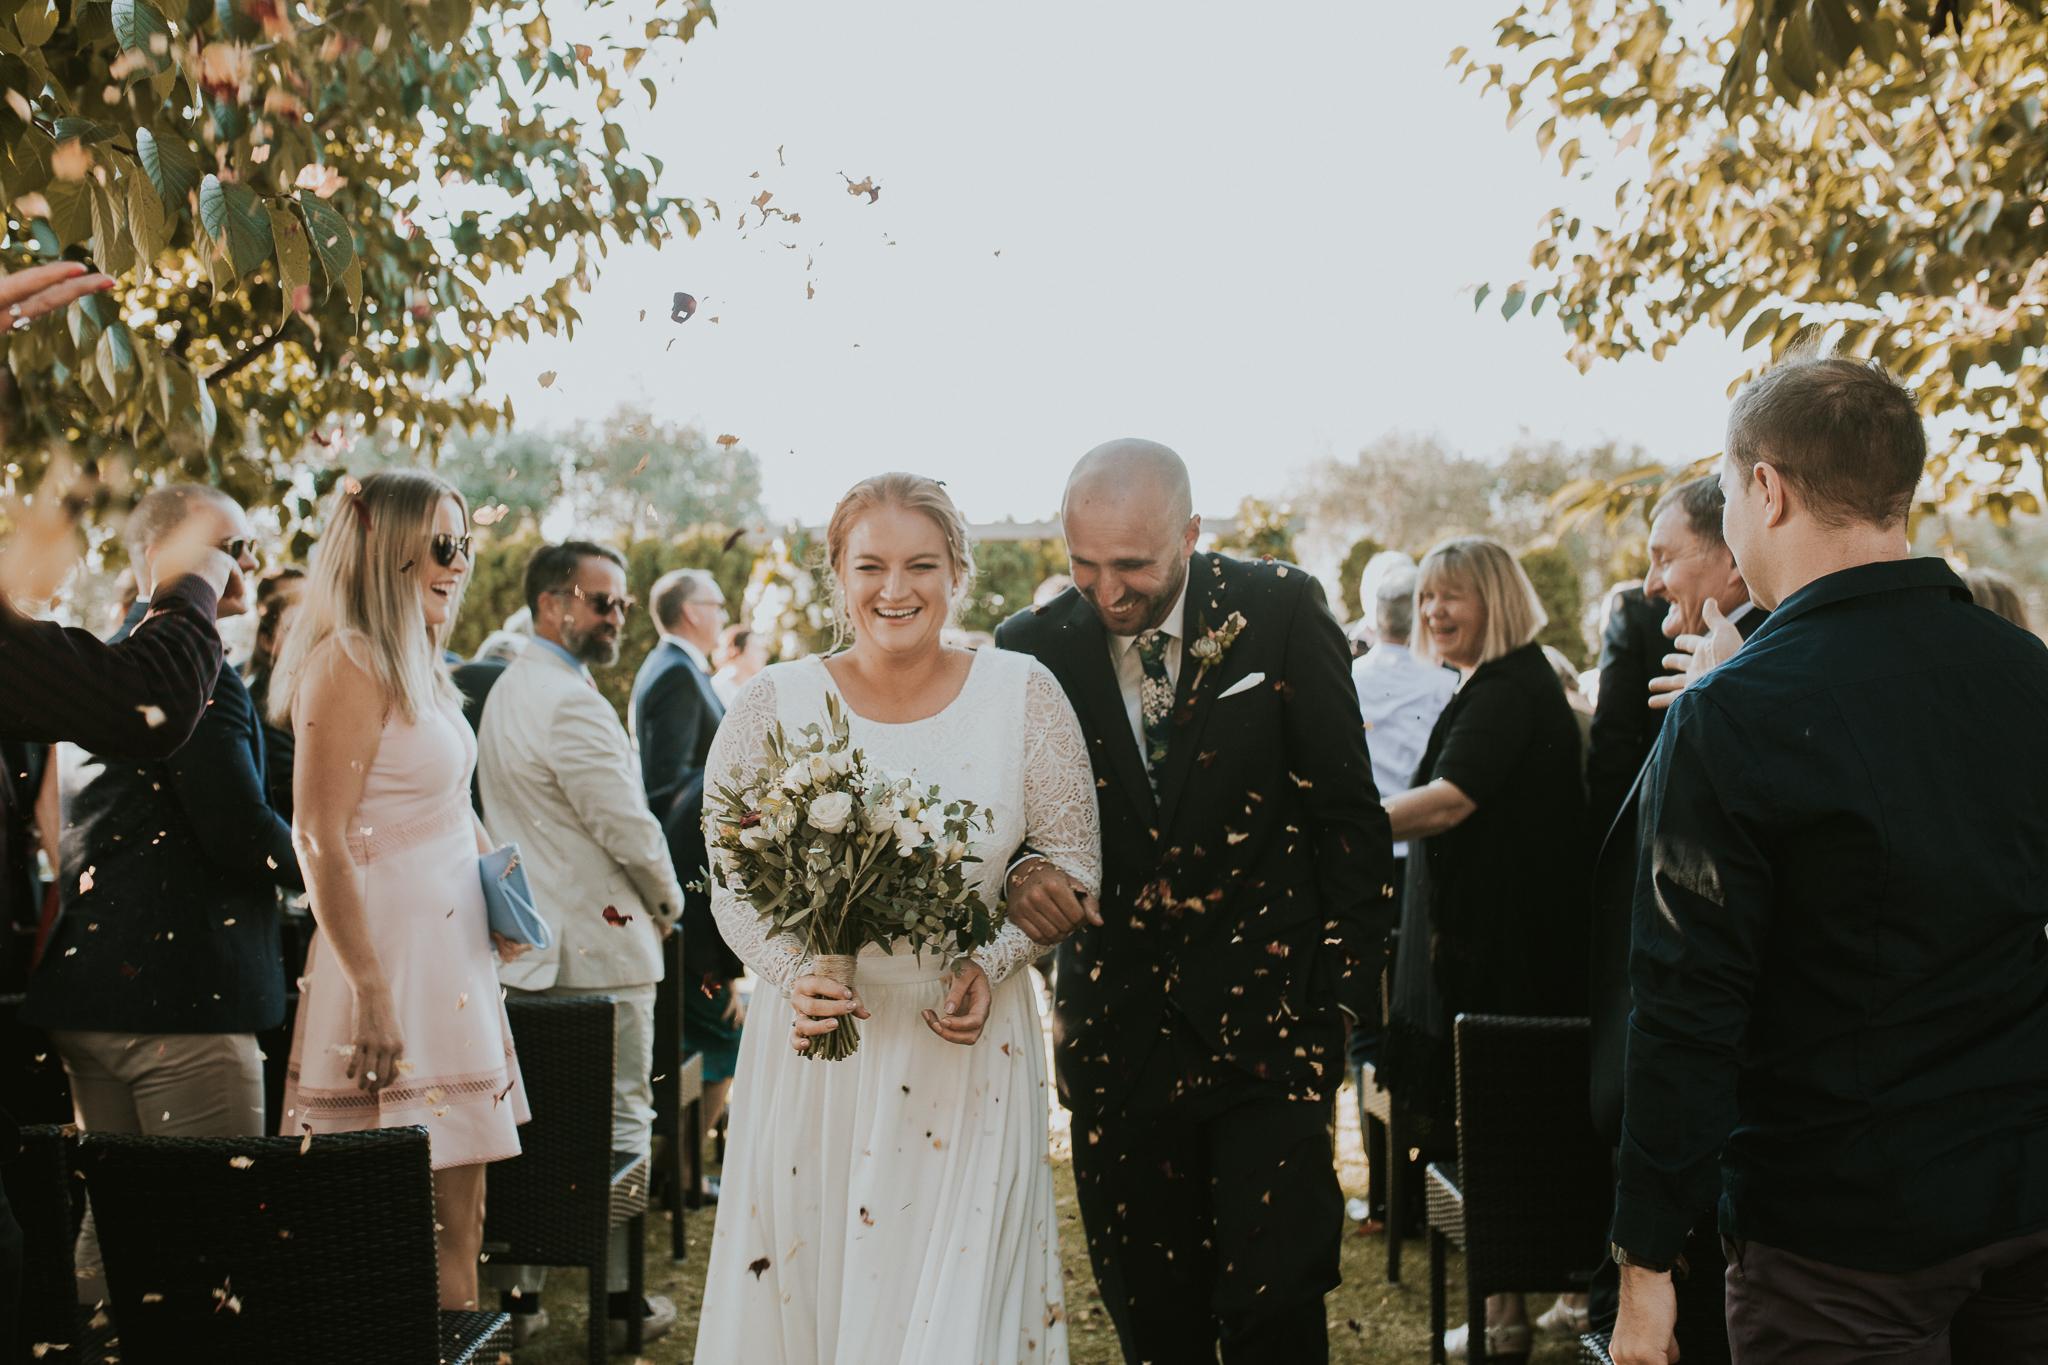 wedding photographer hawkes bay , Lisa Fisher Photography, Selini Winery Wedding -326.jpg